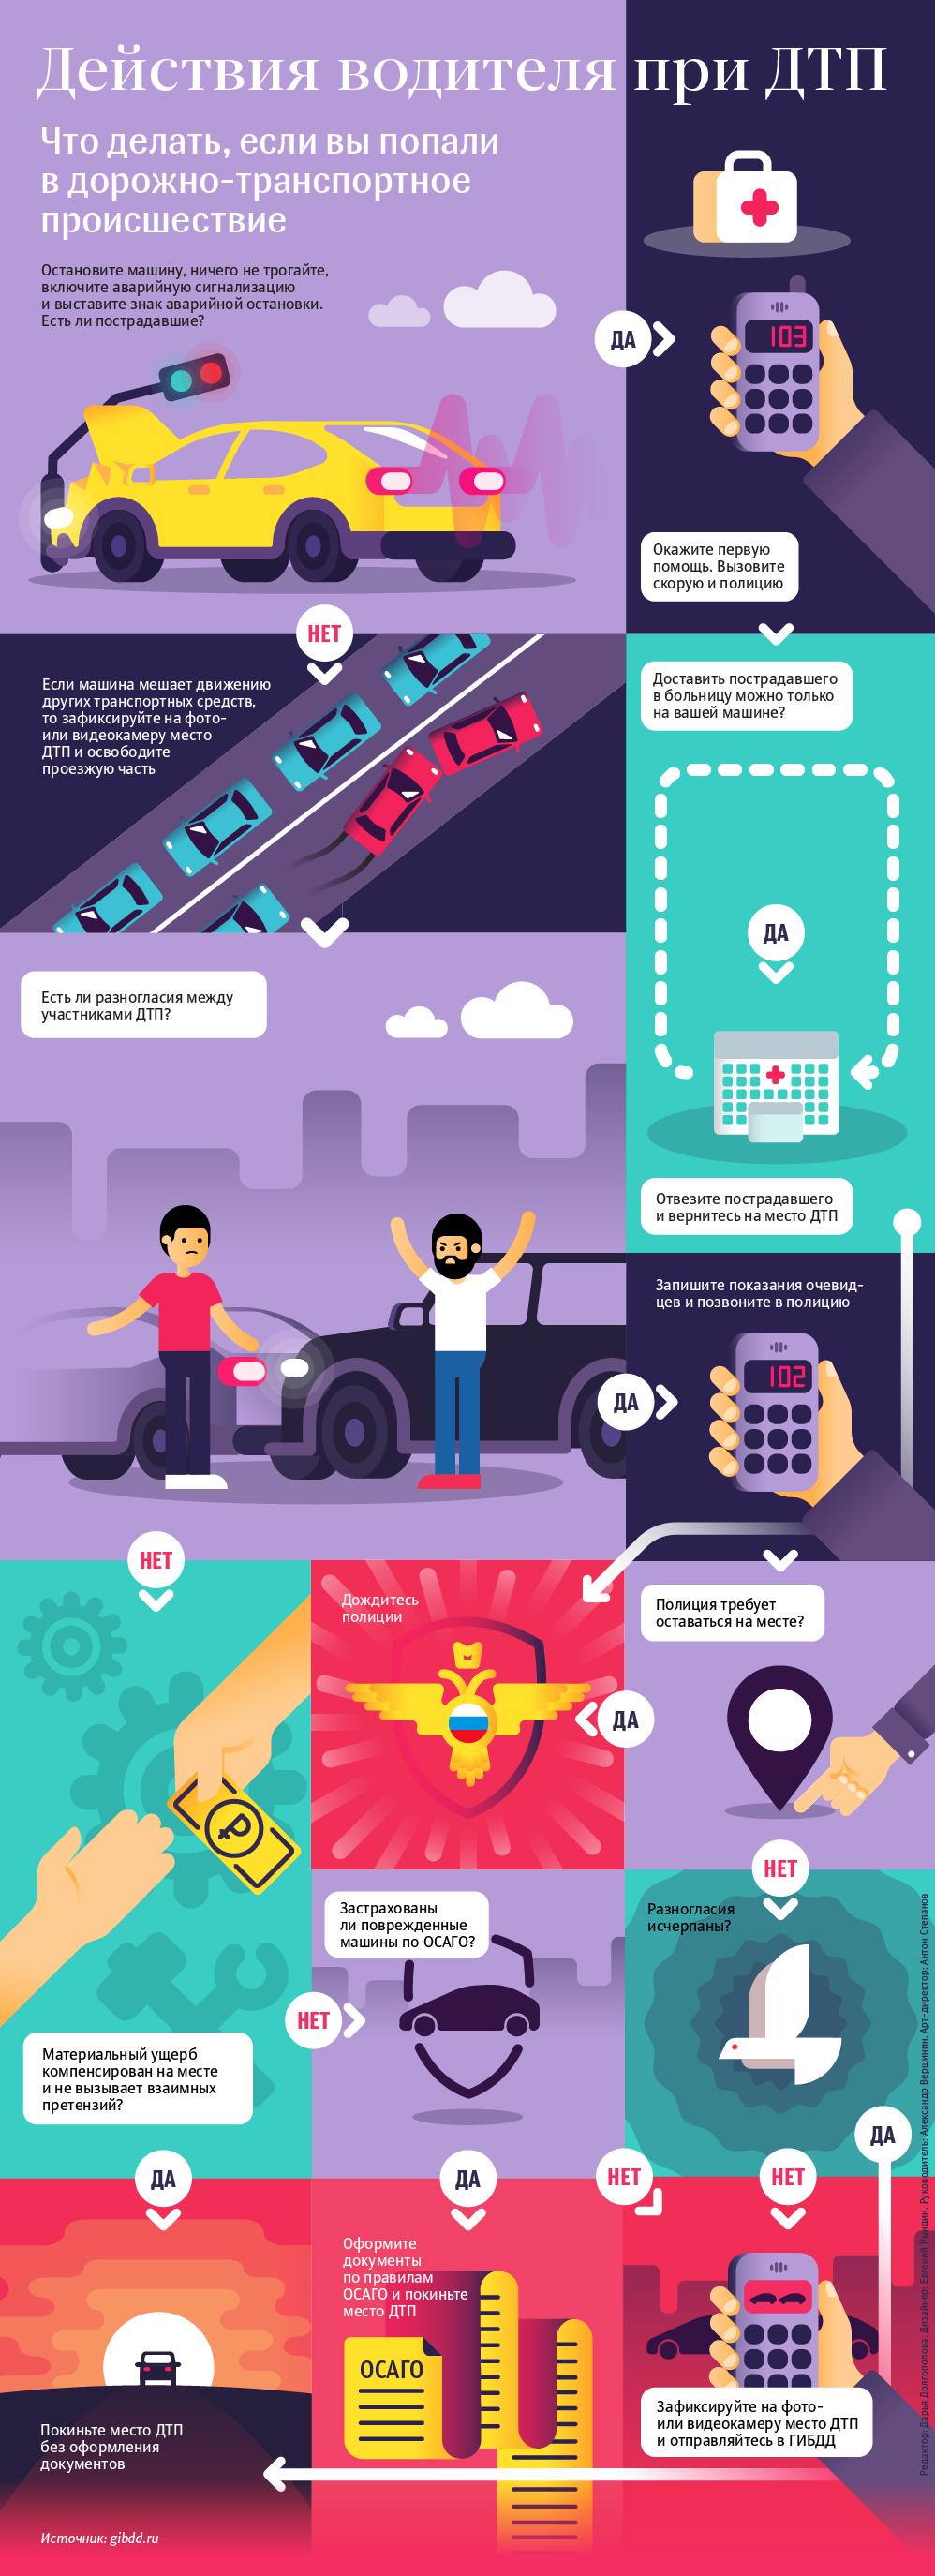 infografika-chto-delat-v-sluchae-DTP